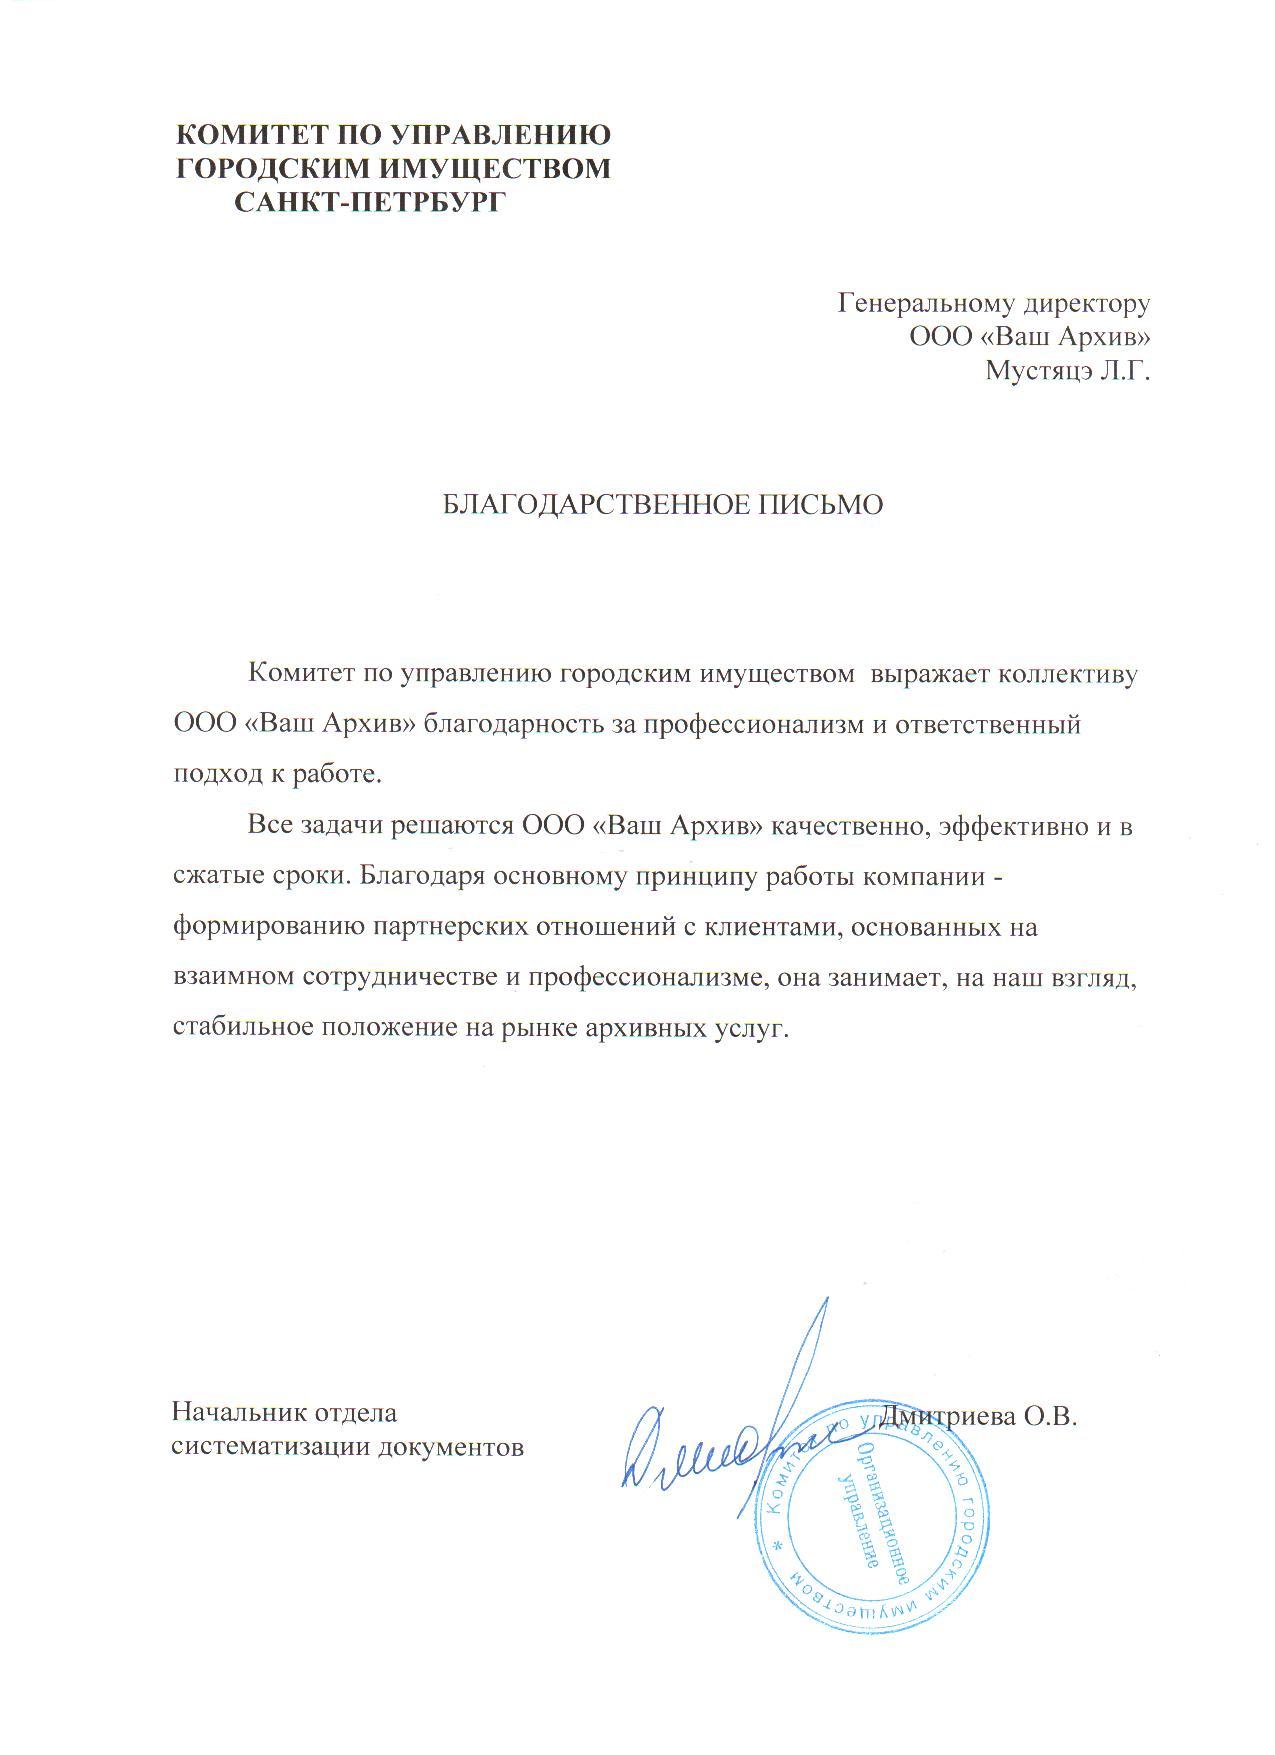 Комитет по управл гор имуществом СПб